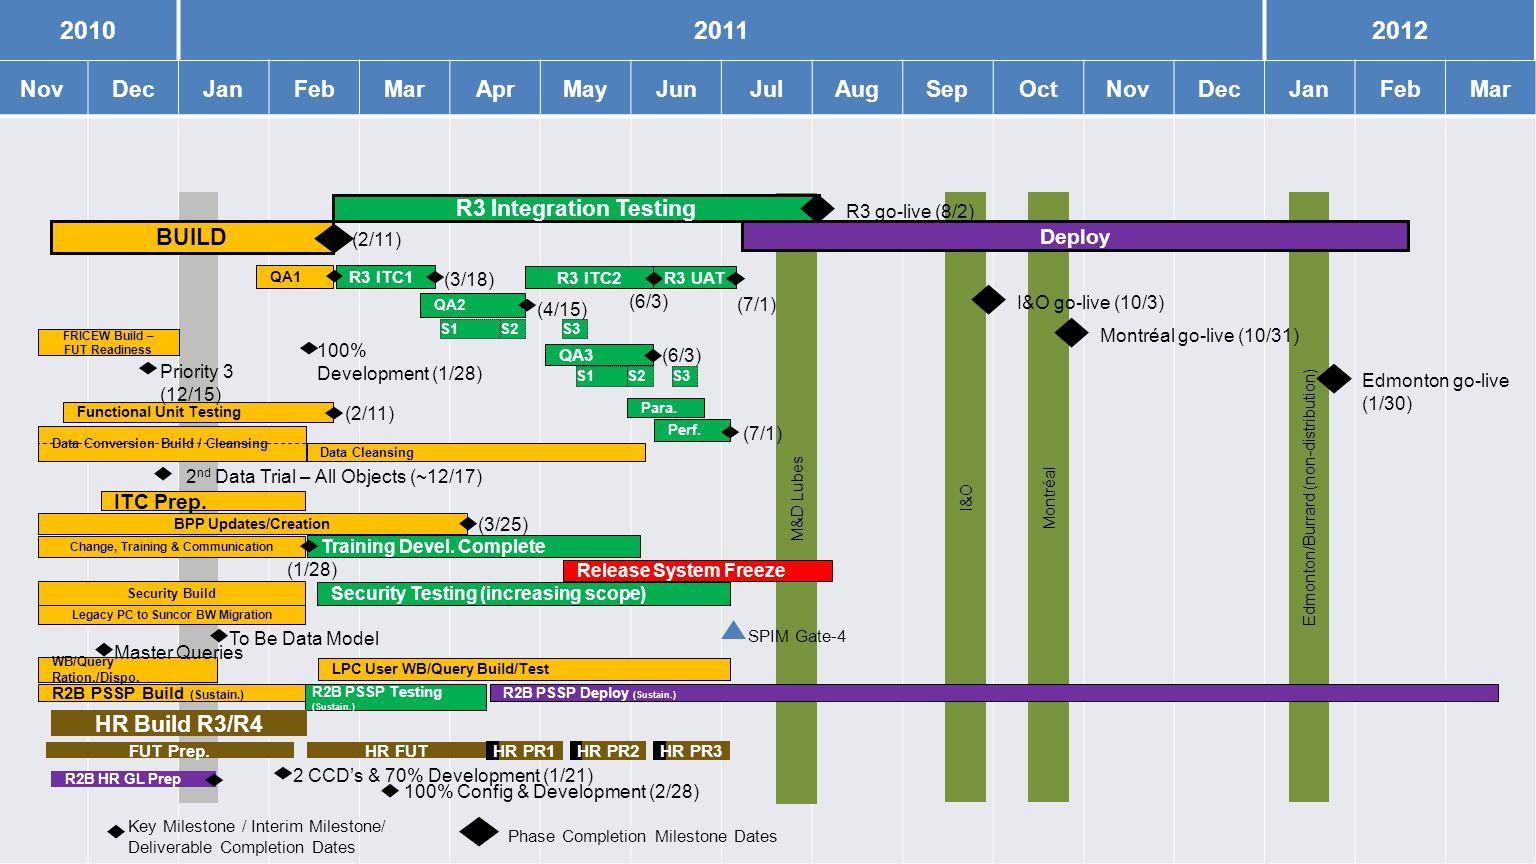 8 201020112012 NovDecJanFebMarAprMayJunJulAugSepOctNovDecJanFebMar I&O R3 go-live (8/2) M&D Lubes Edmonton/Burrard (non-distribution) Montréal Deploy SPIM Gate-4 I&O go-live (10/3) Montréal go-live (10/31) Edmonton go-live (1/30) (2/11) (4/15) (6/3) (1/28) 100% Development (1/28) R3 ITC1 R3 ITC2R3 UAT Para.